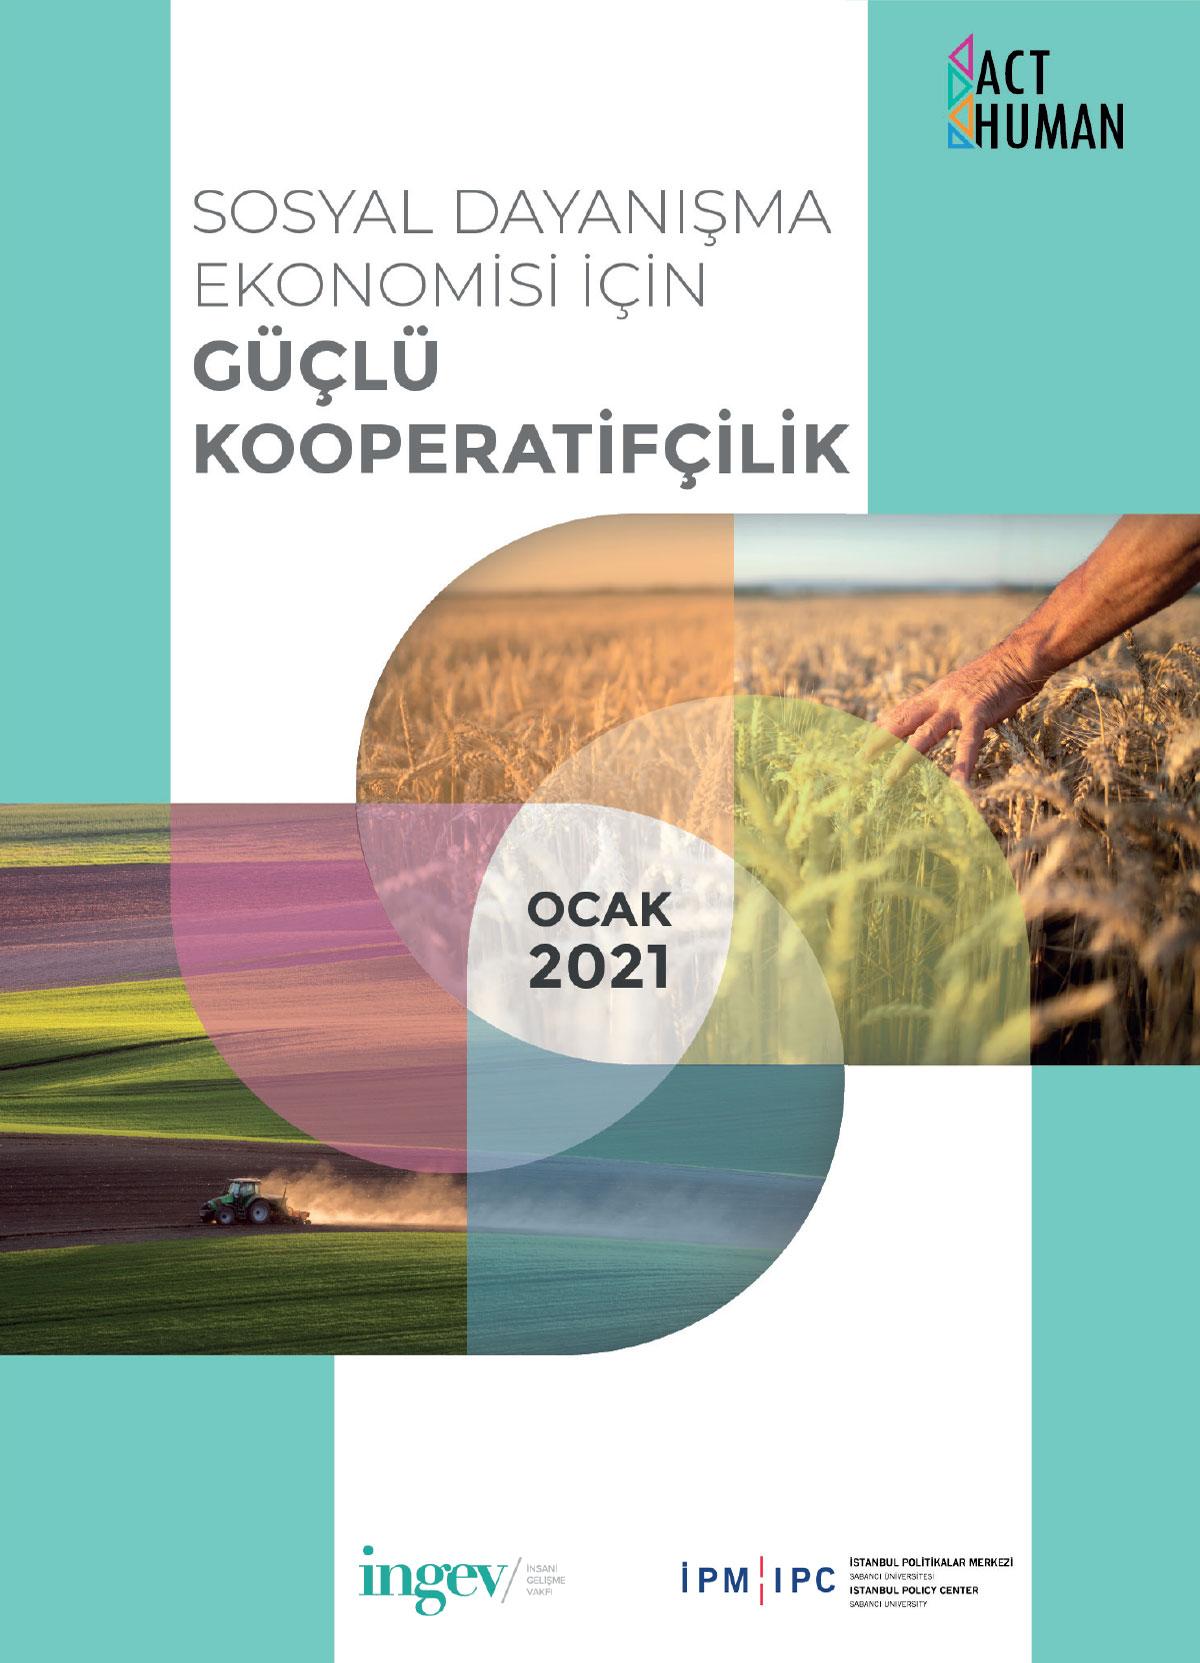 Sosyal Dayanışma Ekonomisi için Güçlü Kooperatifçilik